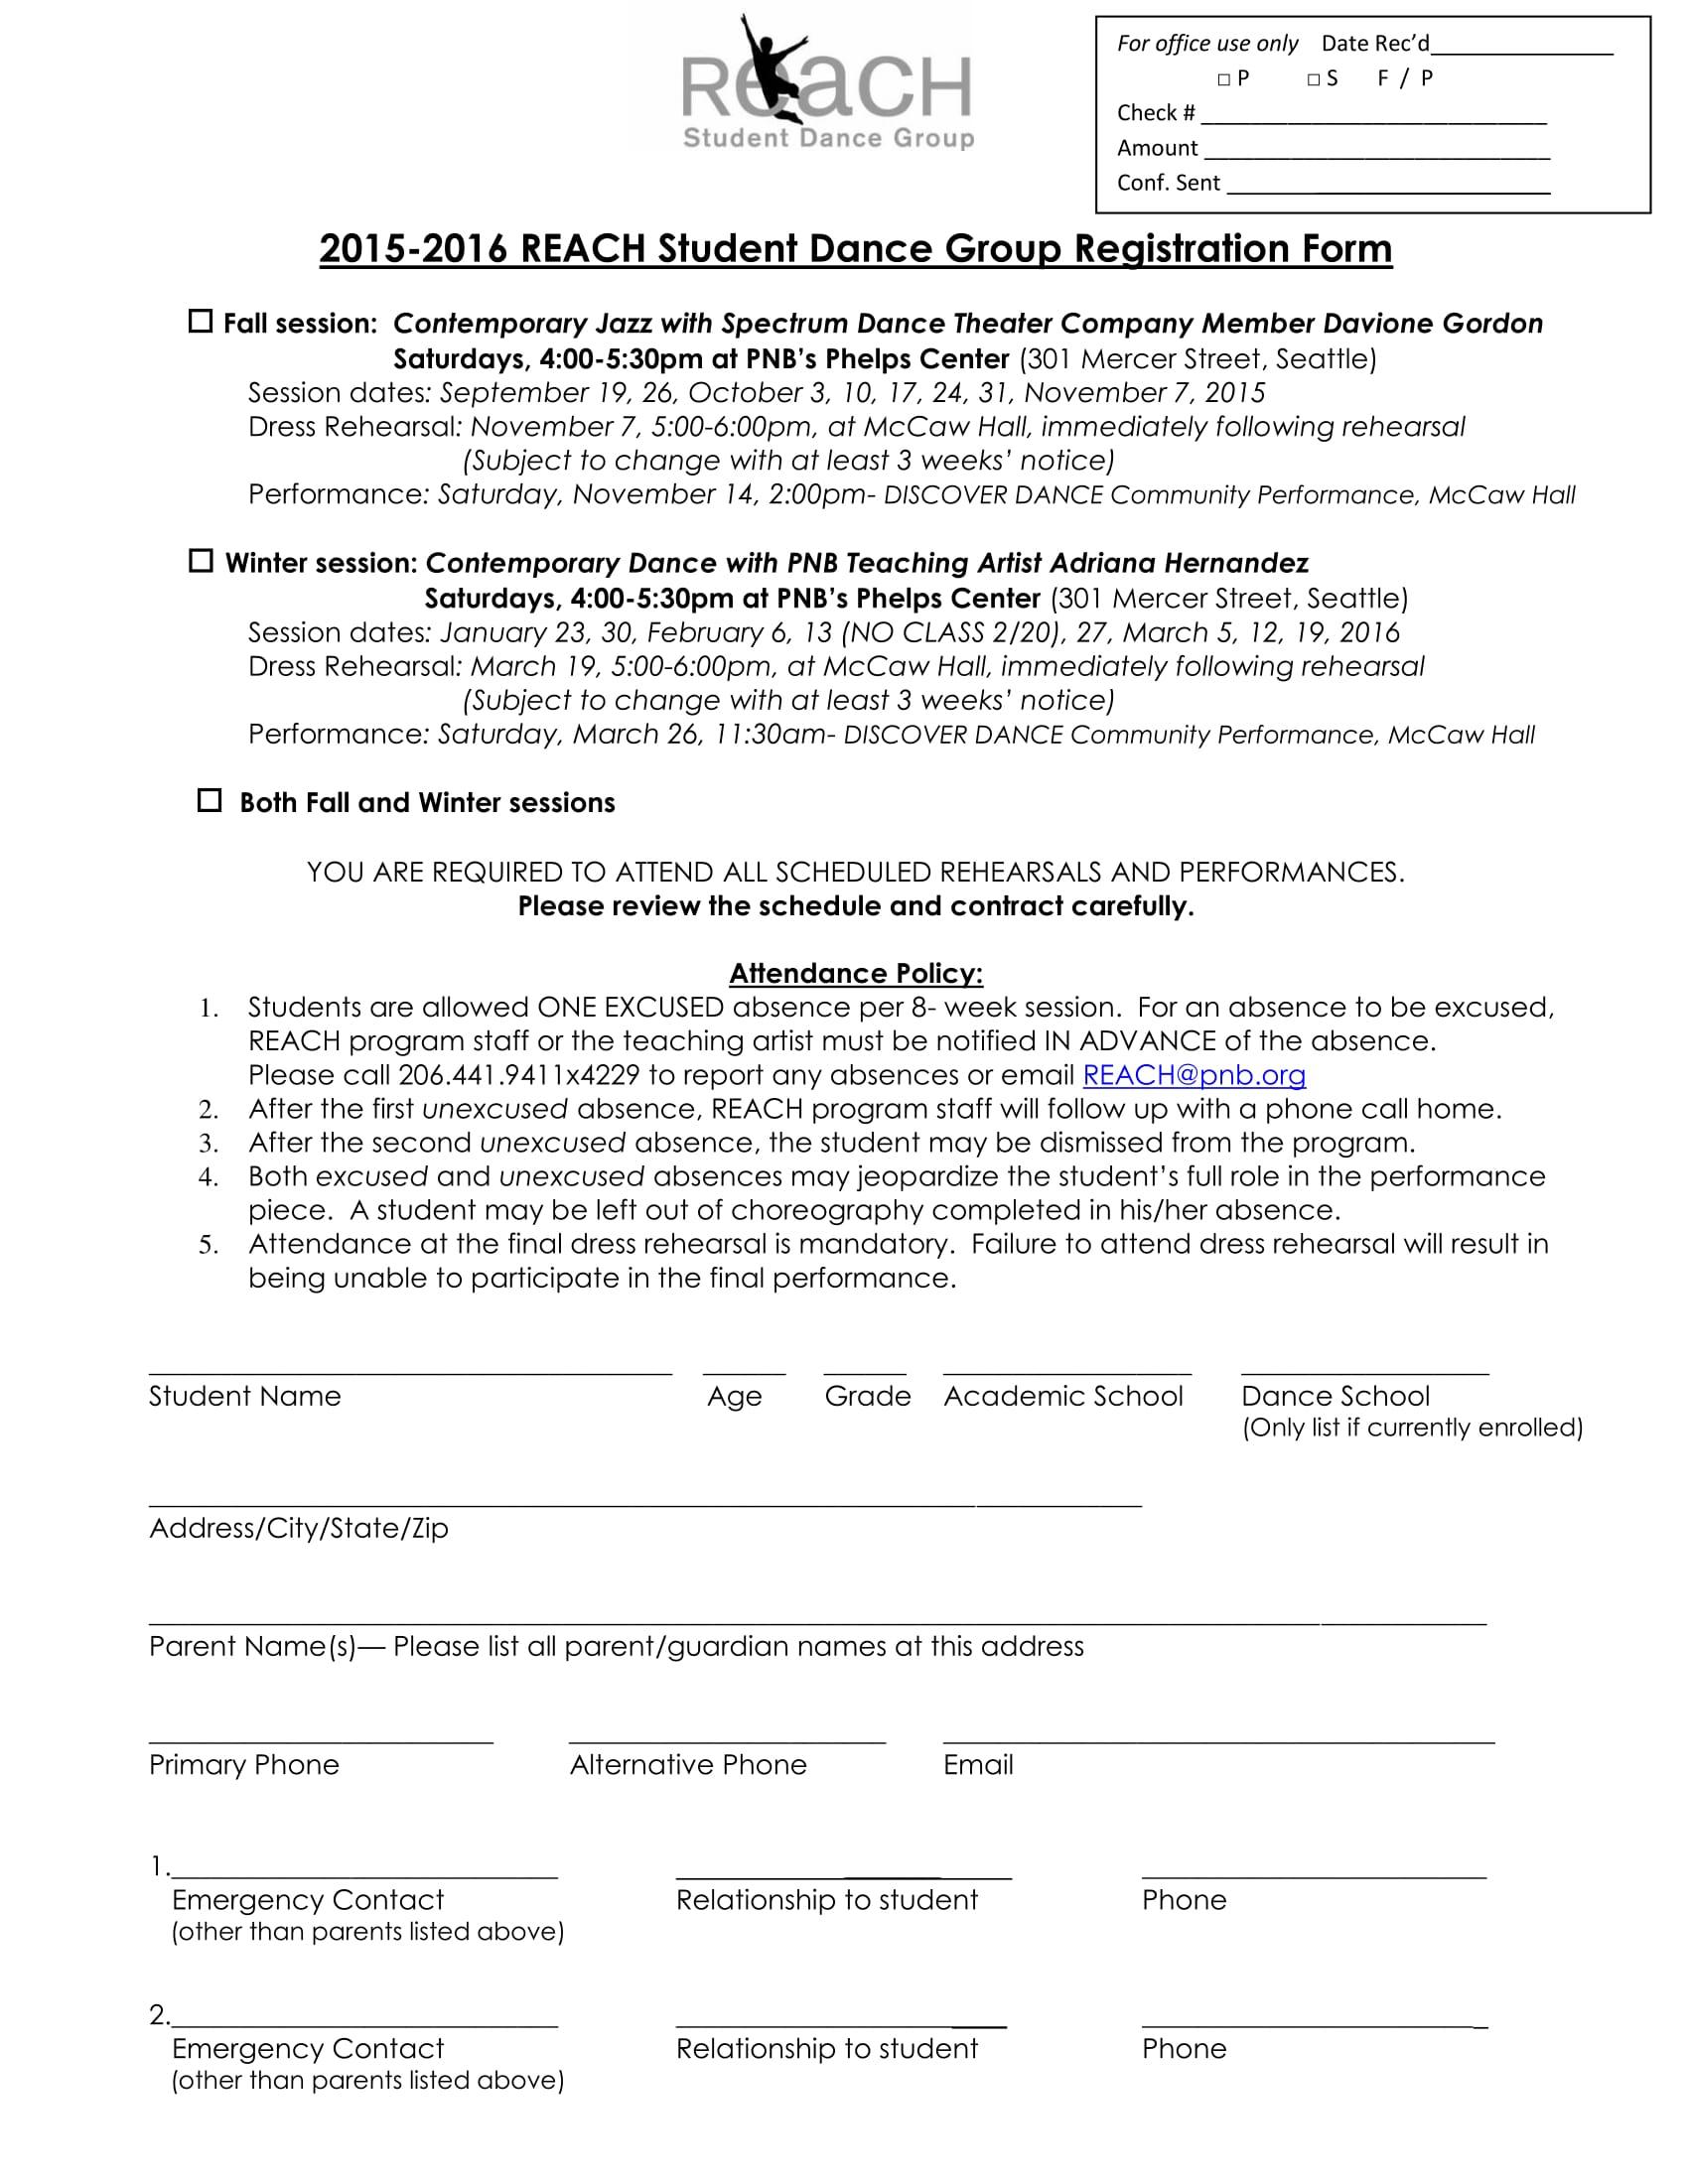 student dance registration form 1